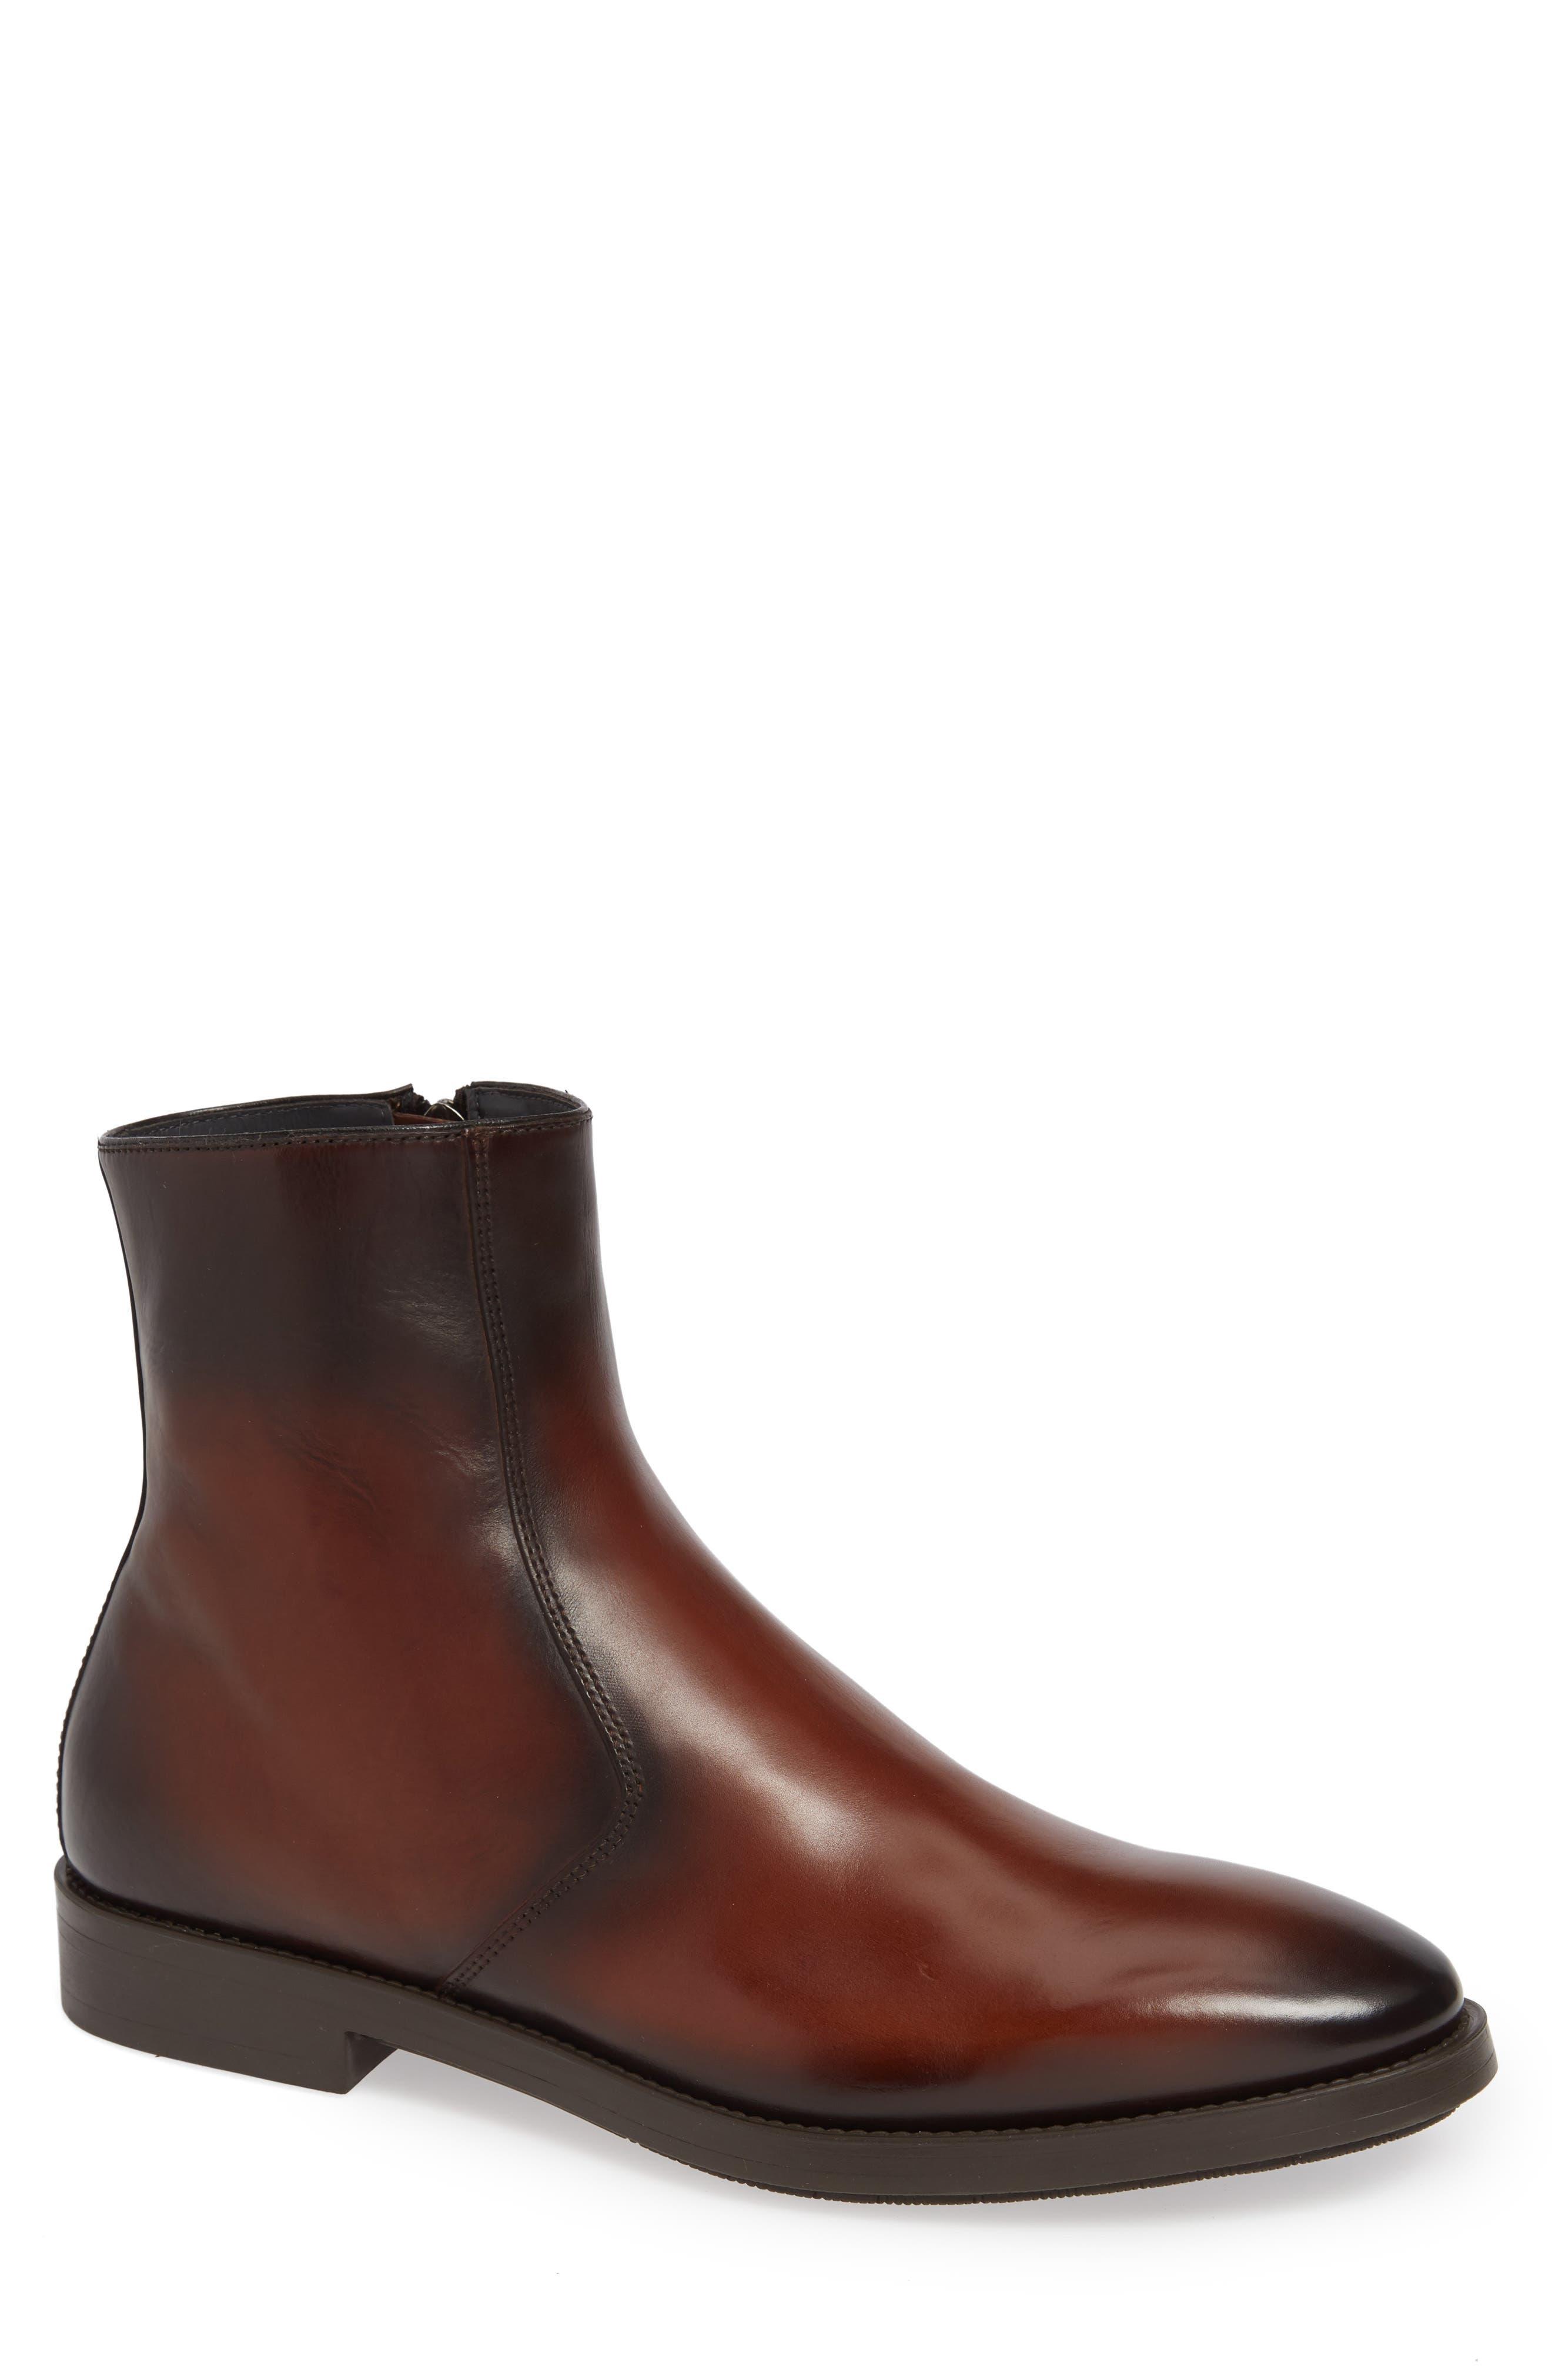 To Boot New York Rosemont Zip Boot, Brown